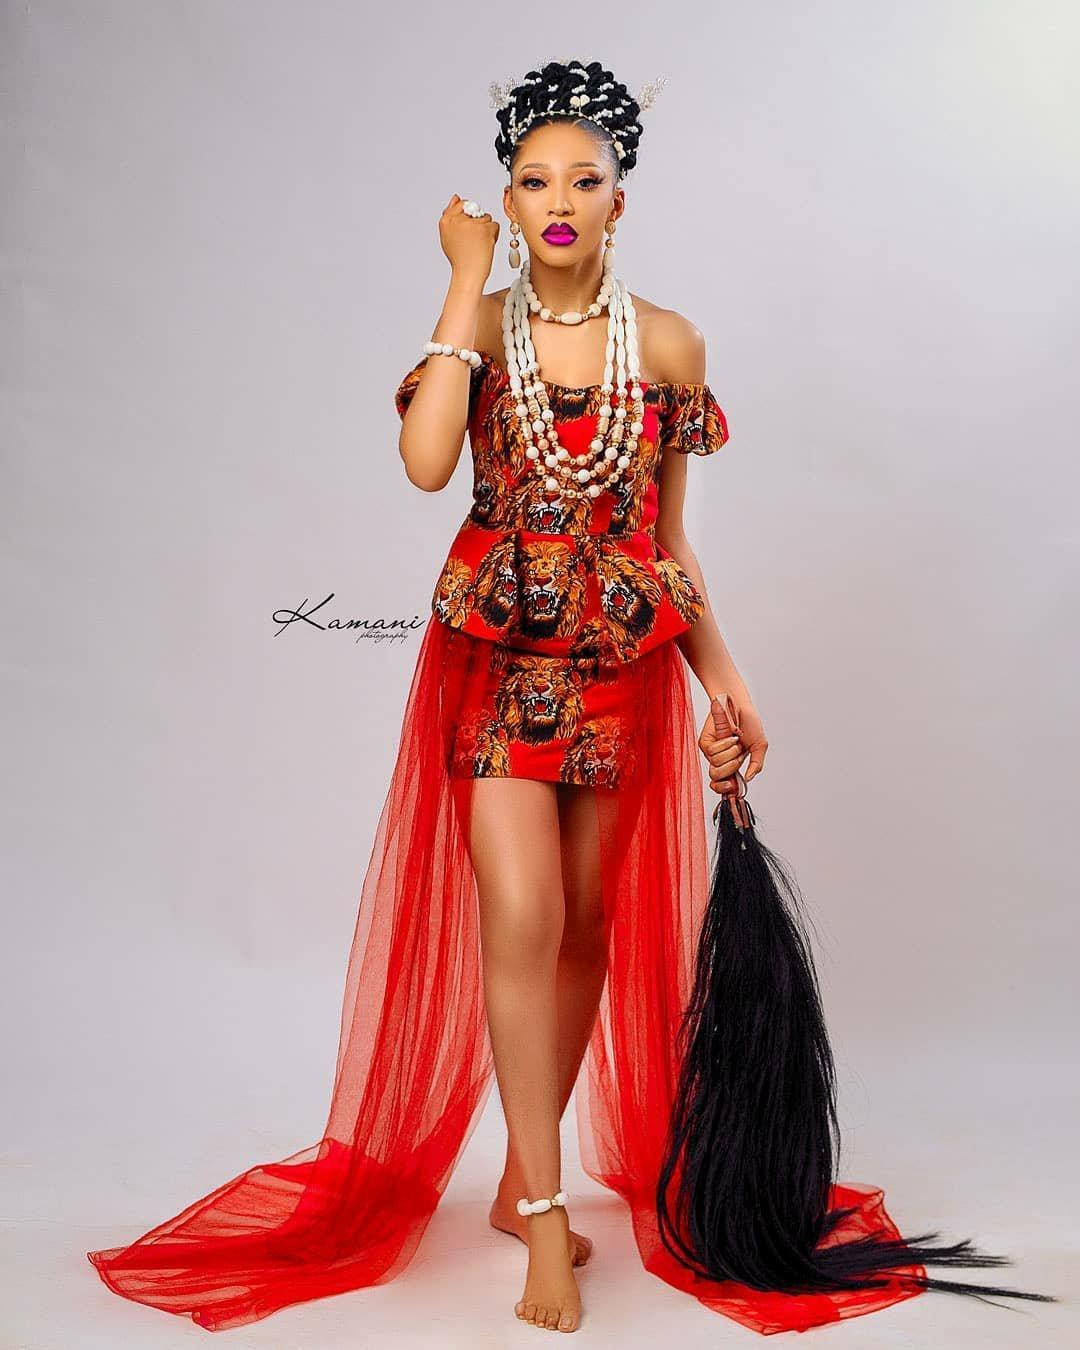 kamani weddings igbo beauty bellanaija weddings 4174478716234263232